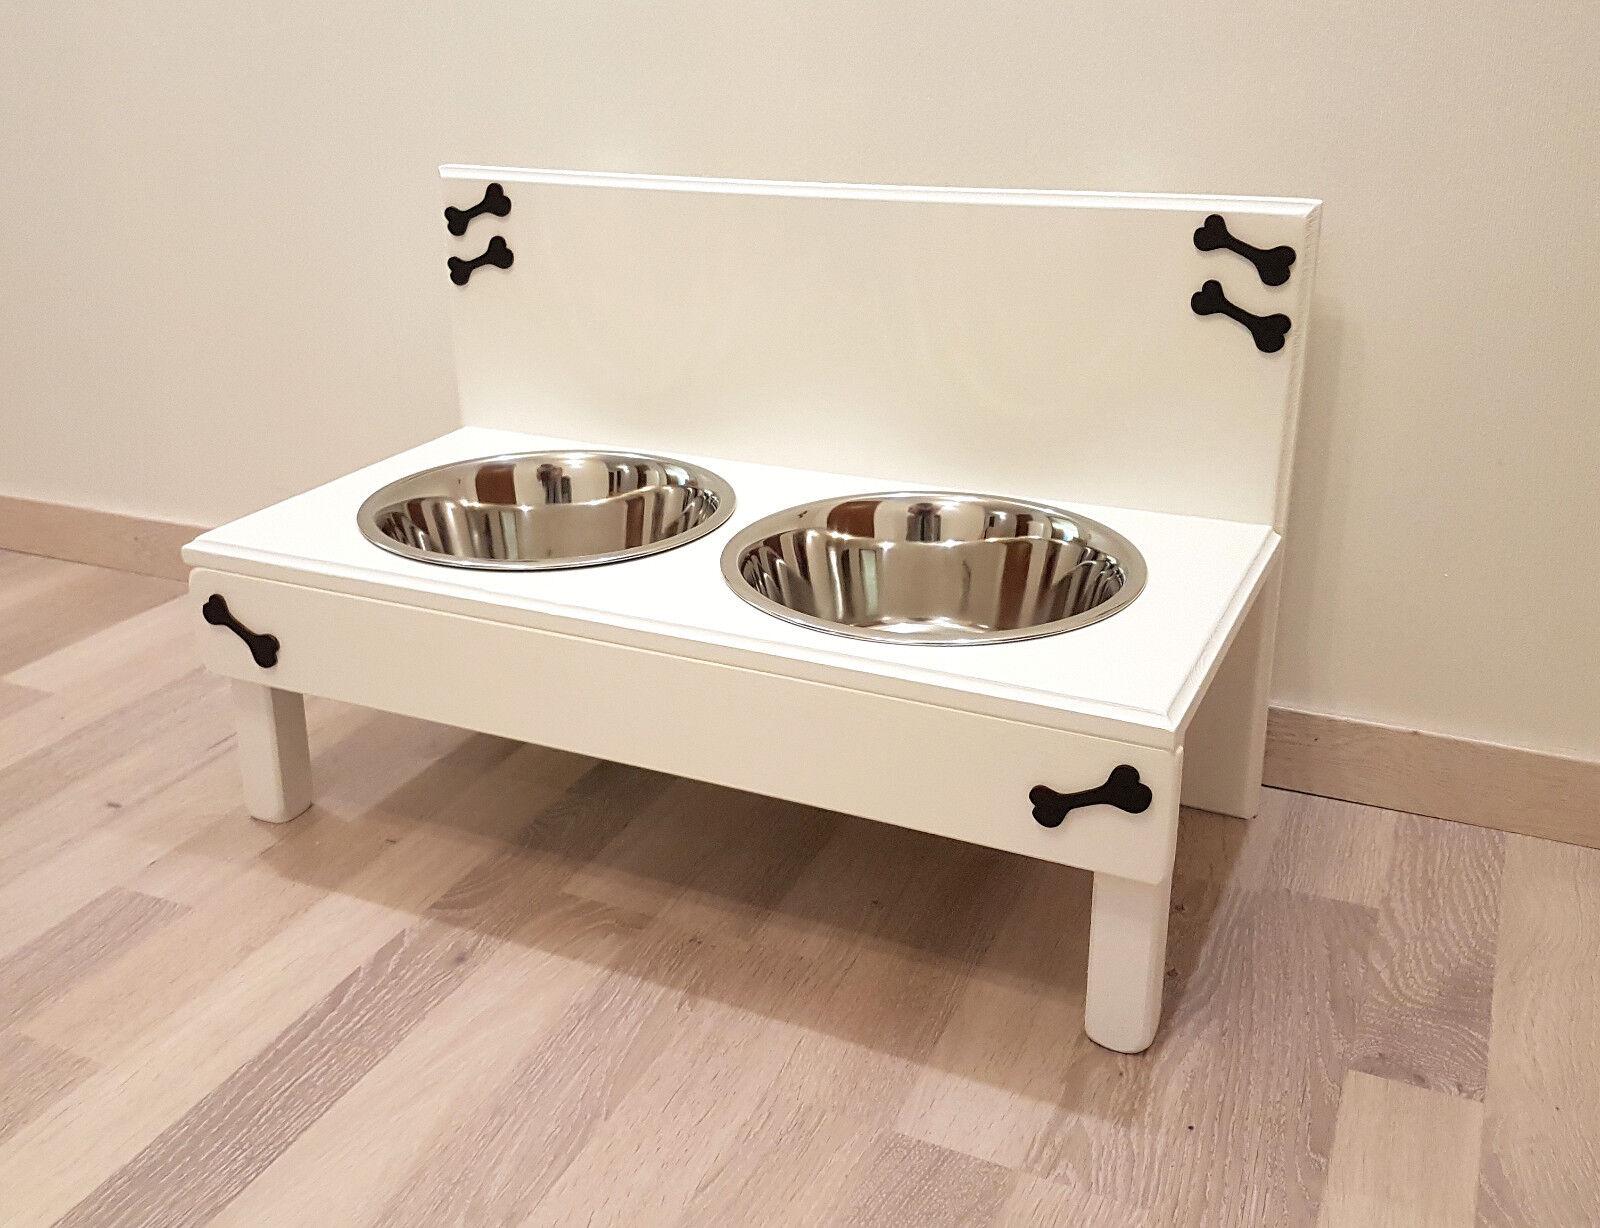 Futterbar   Hundebar   Hohe 20 cm Futterbar, Futterbar, Futterbar, weiß, Napfbar (2tr2a)  | Meistverkaufte weltweit  86b722